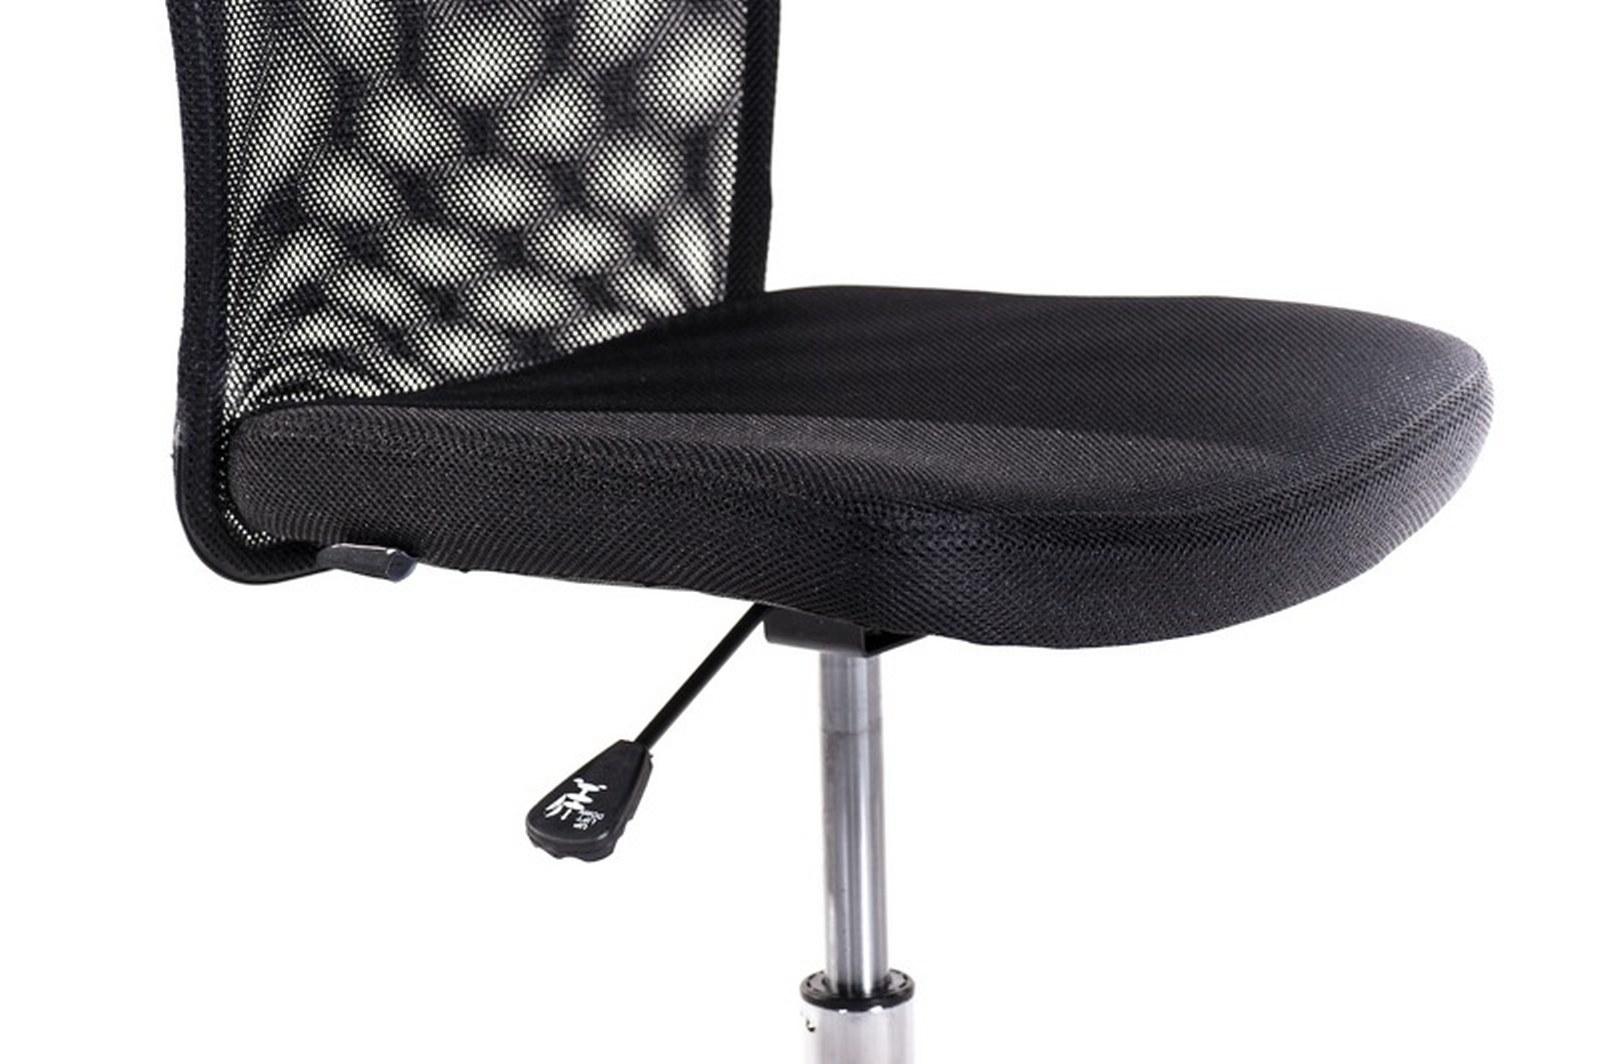 Sedie Girevoli Da Ufficio : Poltrona sedia da ufficio studio regolabile girevole con ruote